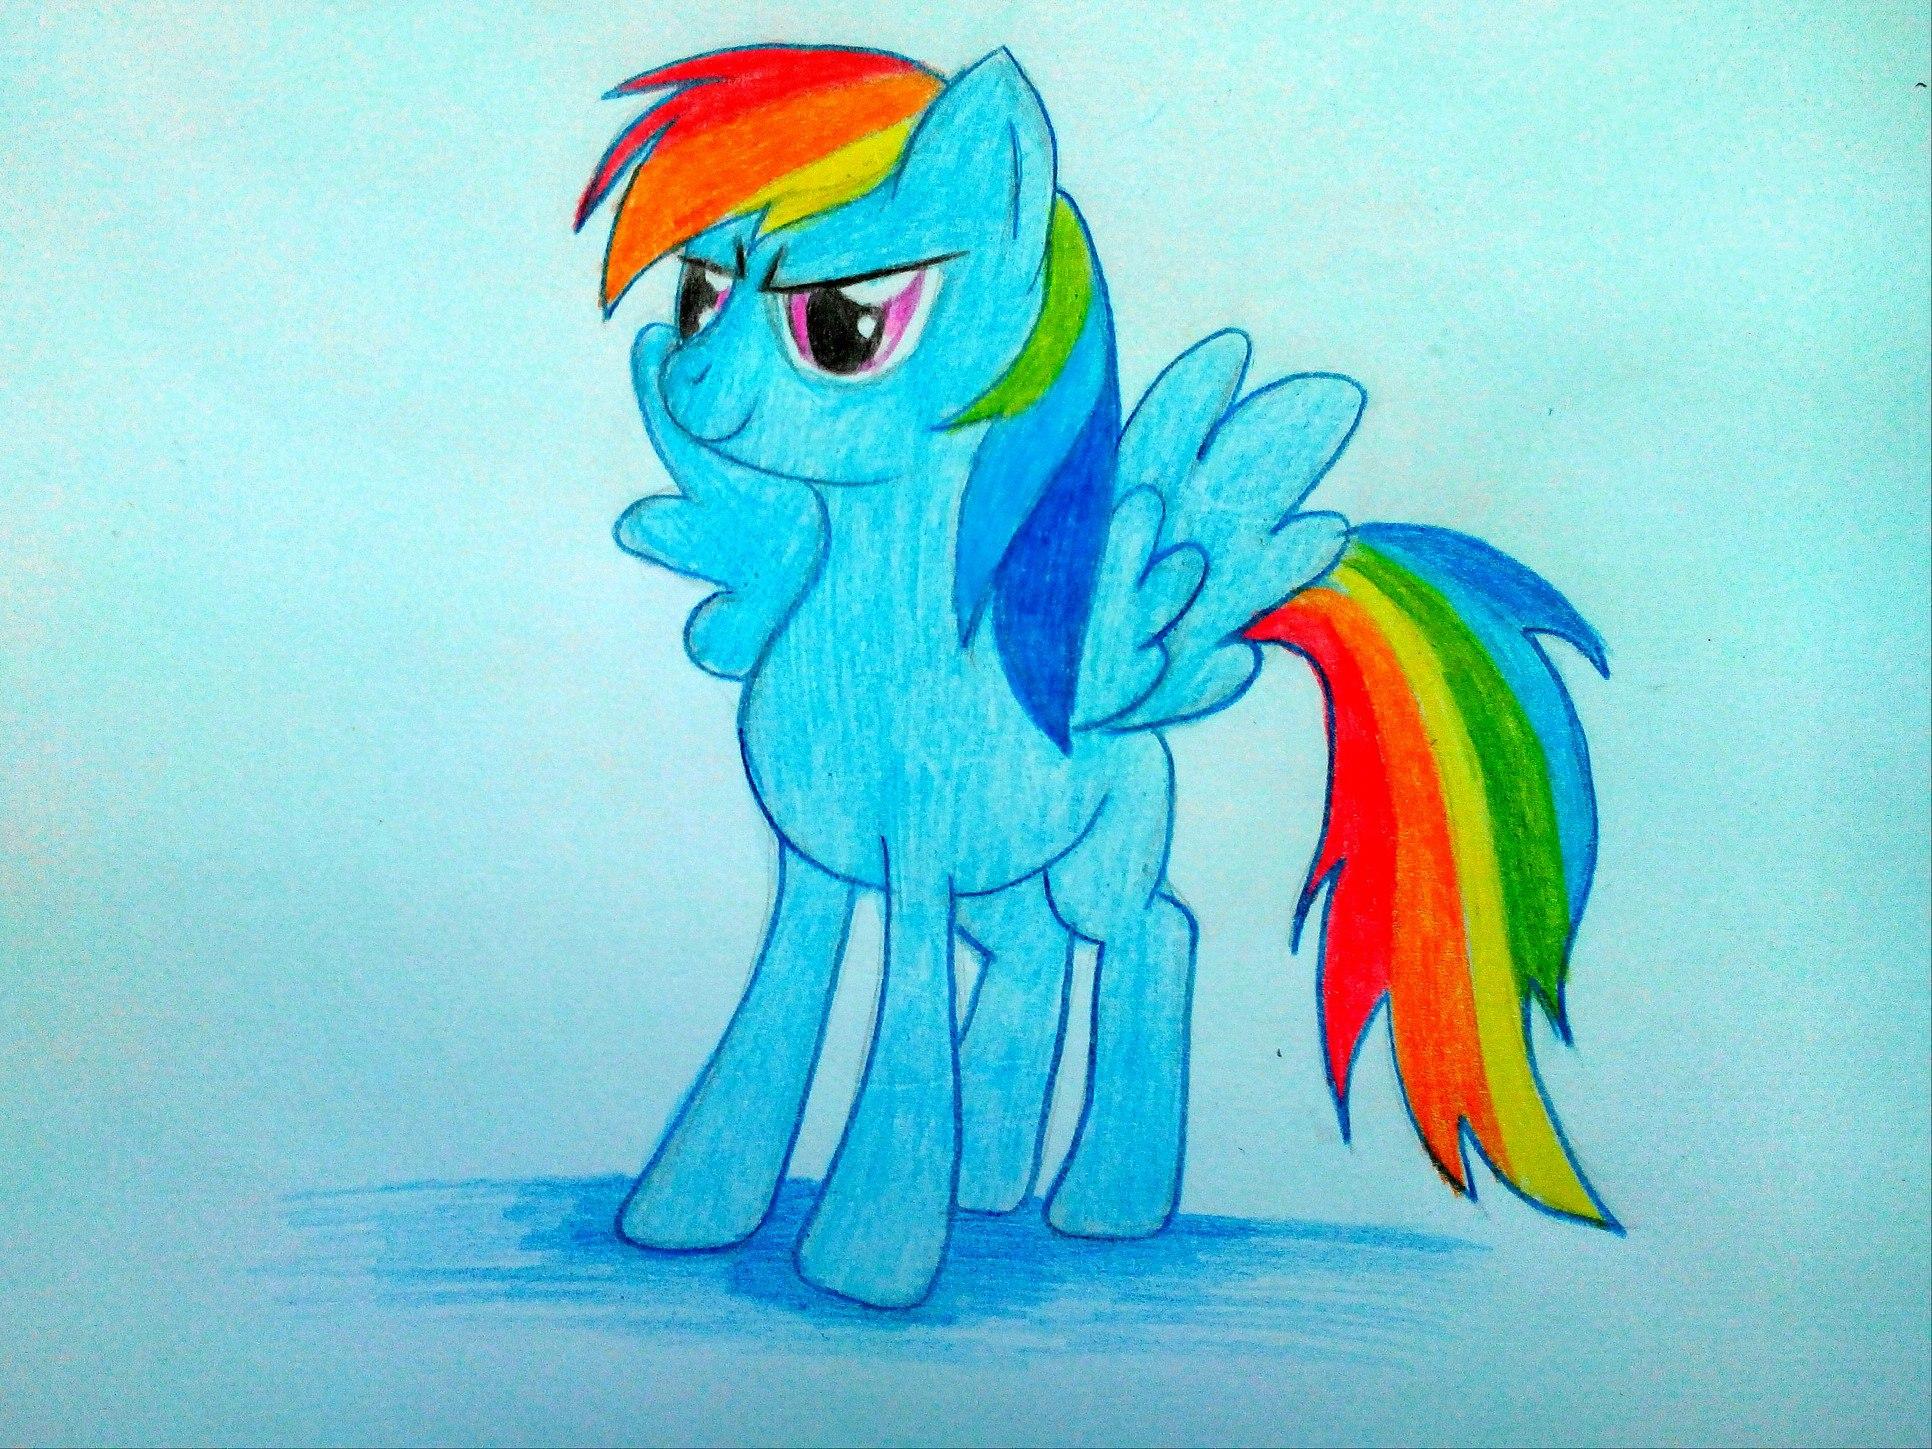 нарисованная радуга май литтл пони